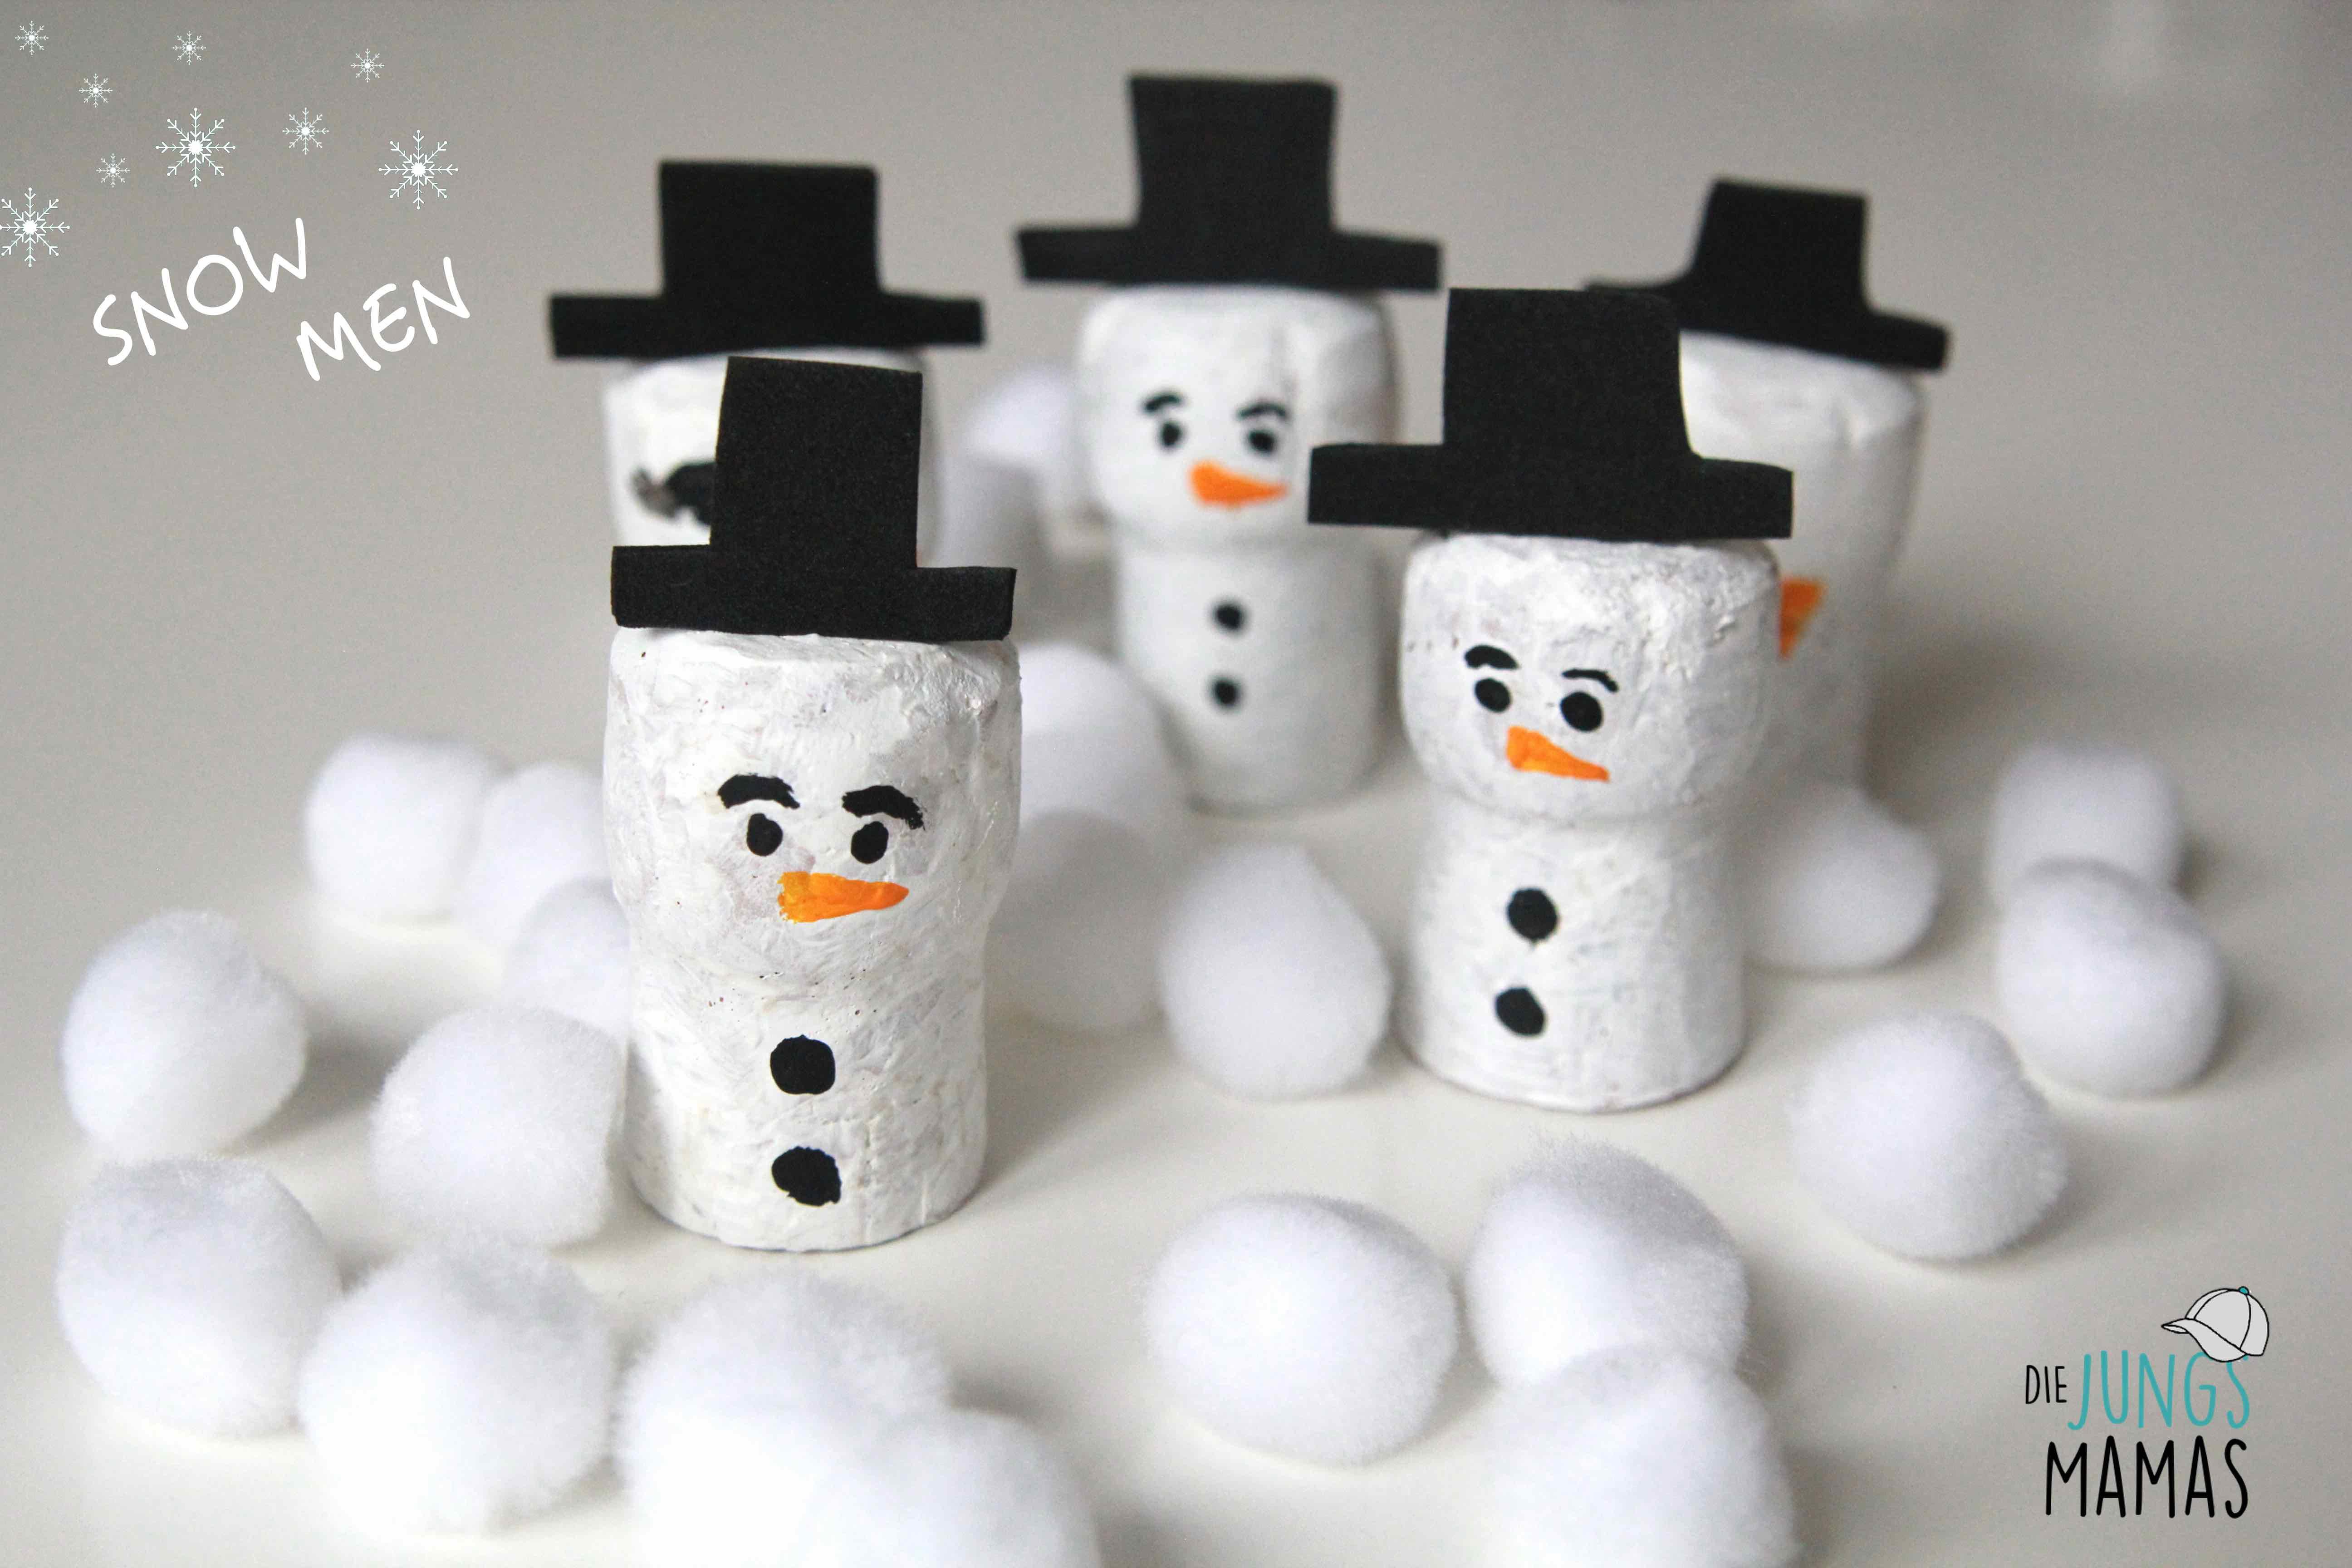 Diy 5 Einfache Schneemänner Malen Und Basteln Die Jungsmamas